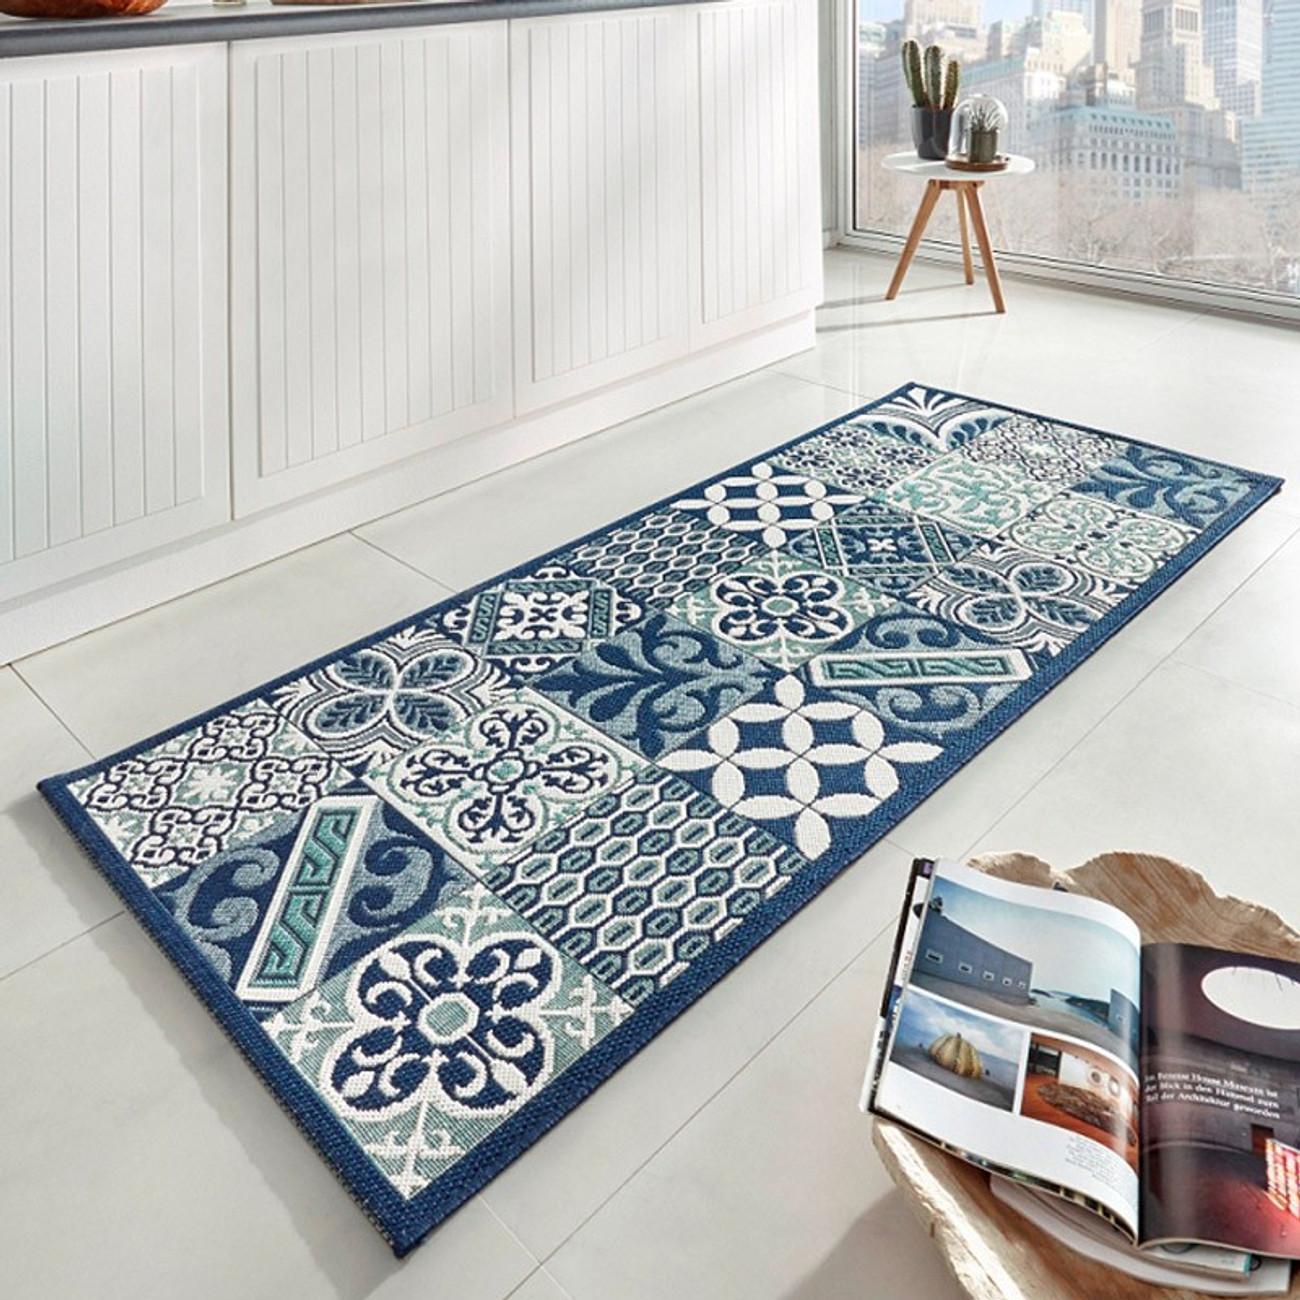 Nett Teal Blau Küche Teppiche Bilder - Ideen Für Die Küche ...